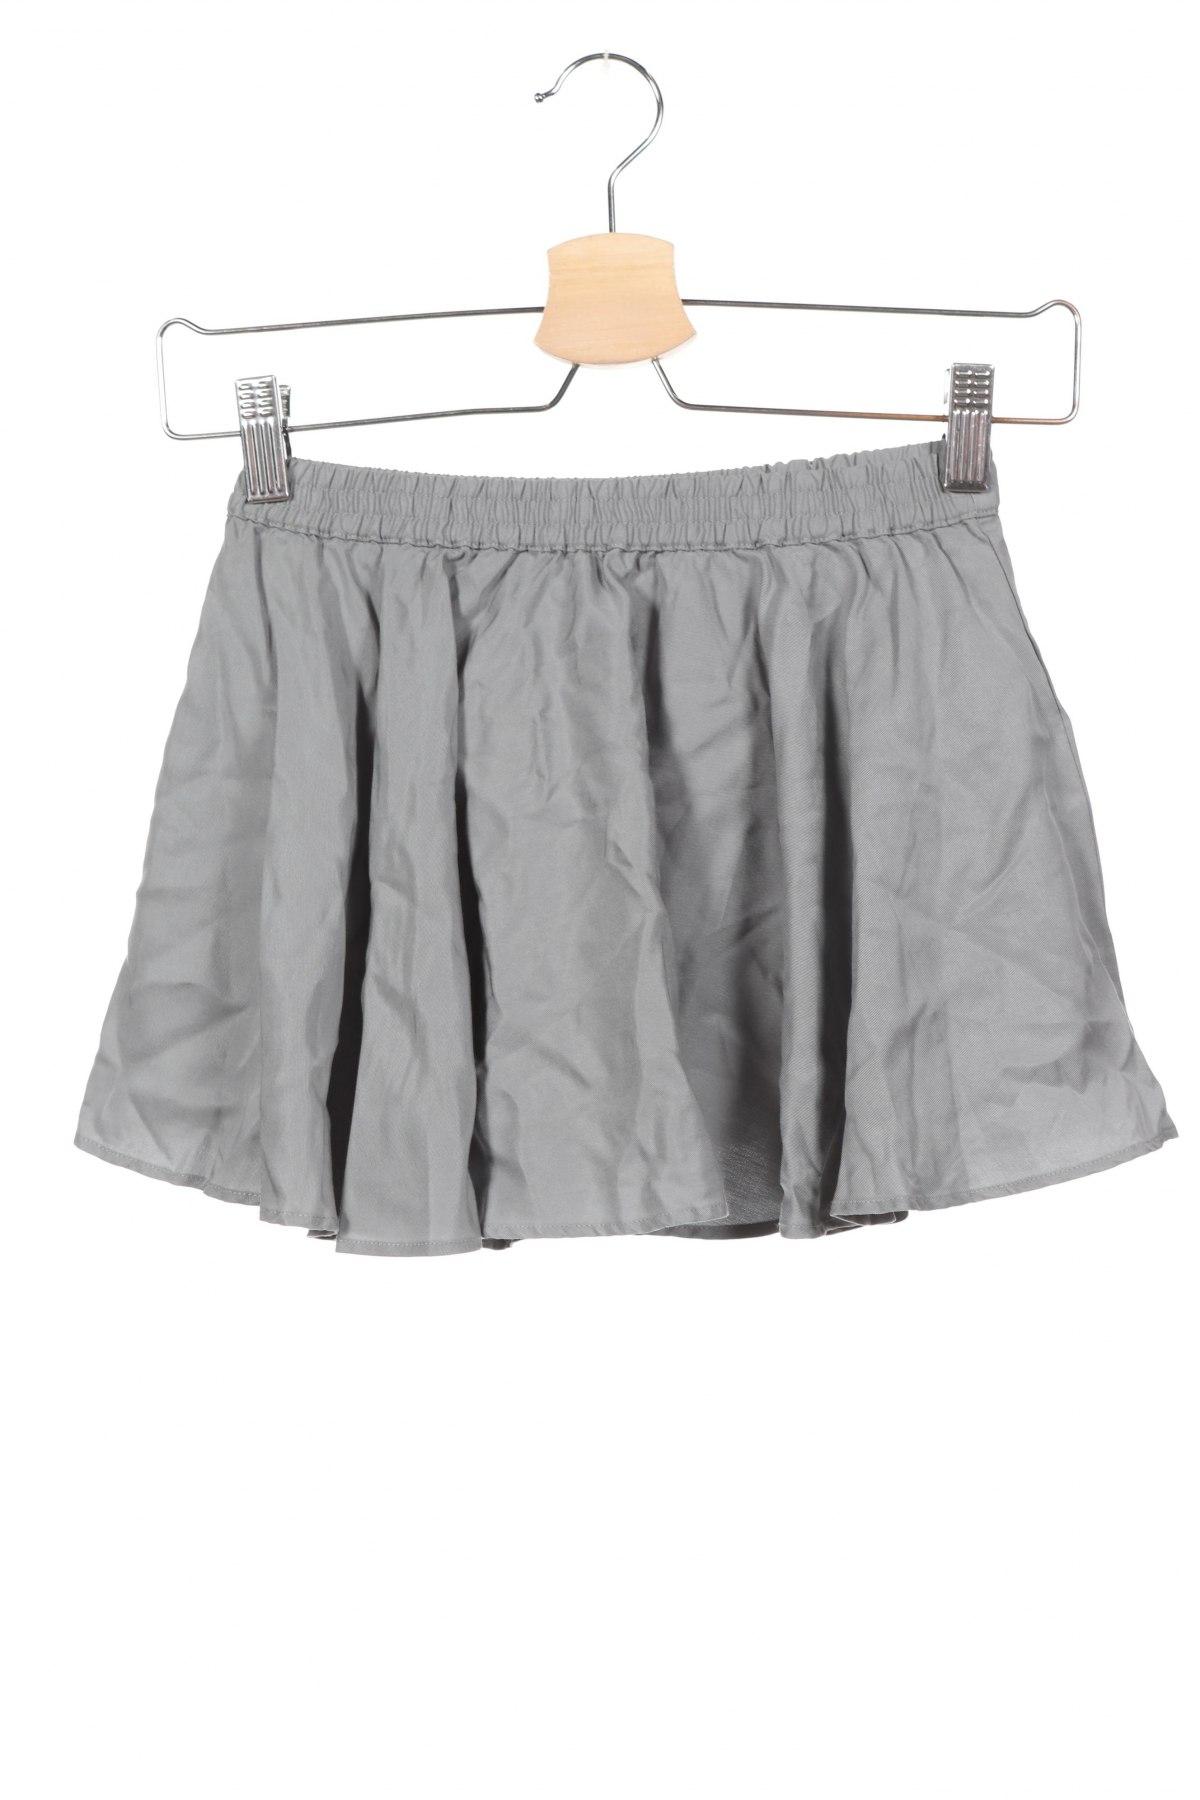 Παιδική φούστα Gocco, Μέγεθος 5-6y/ 116-122 εκ., Χρώμα Γκρί, Lyocell, Τιμή 13,40€